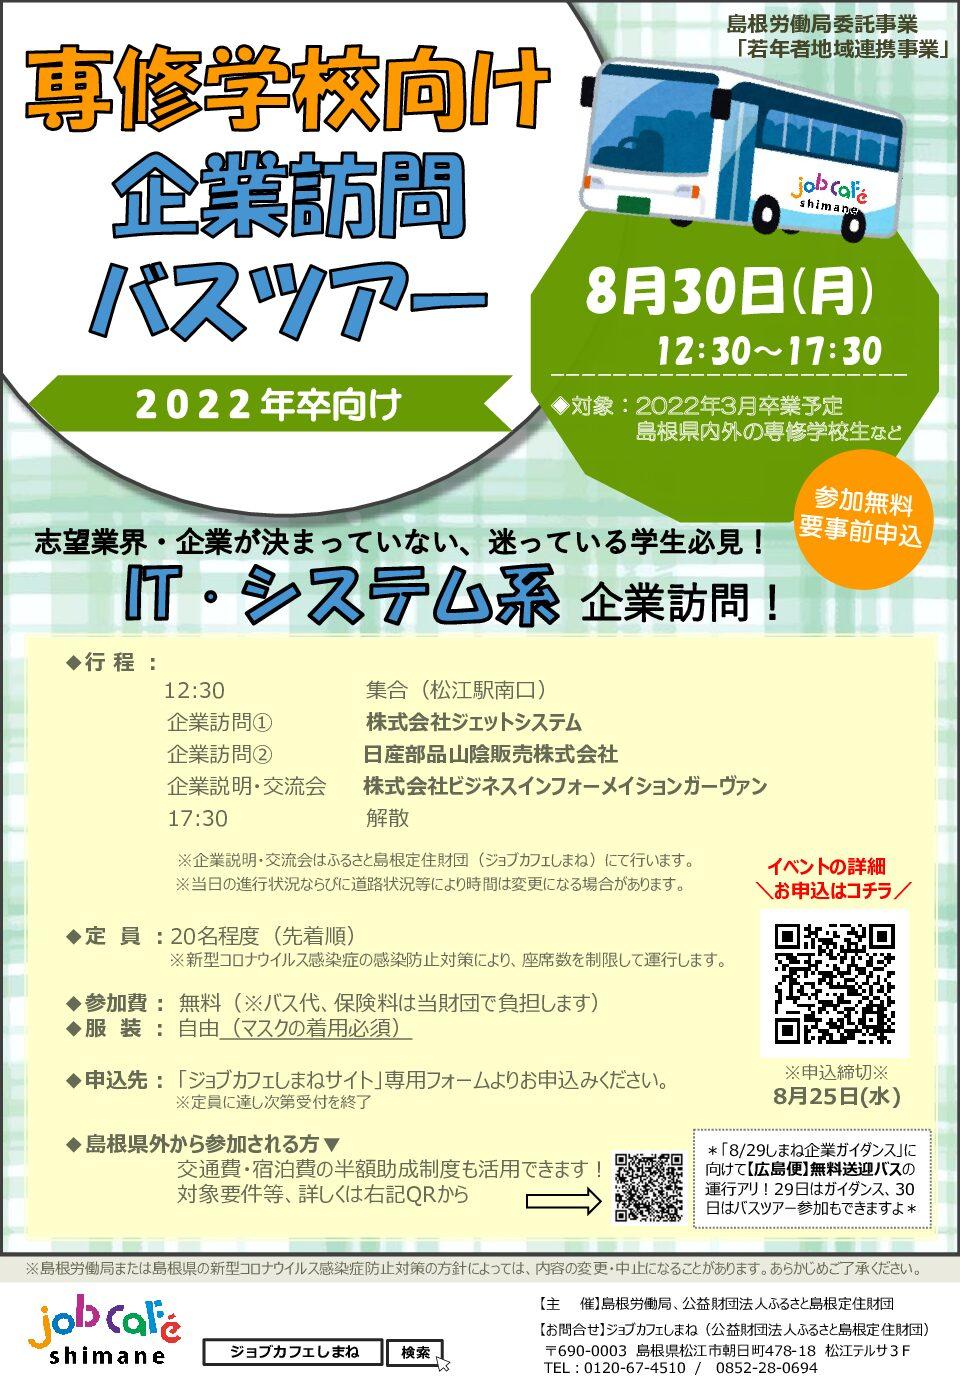 「【参加者募集】8/30専修学校向け企業訪問バスツアー」チラシ